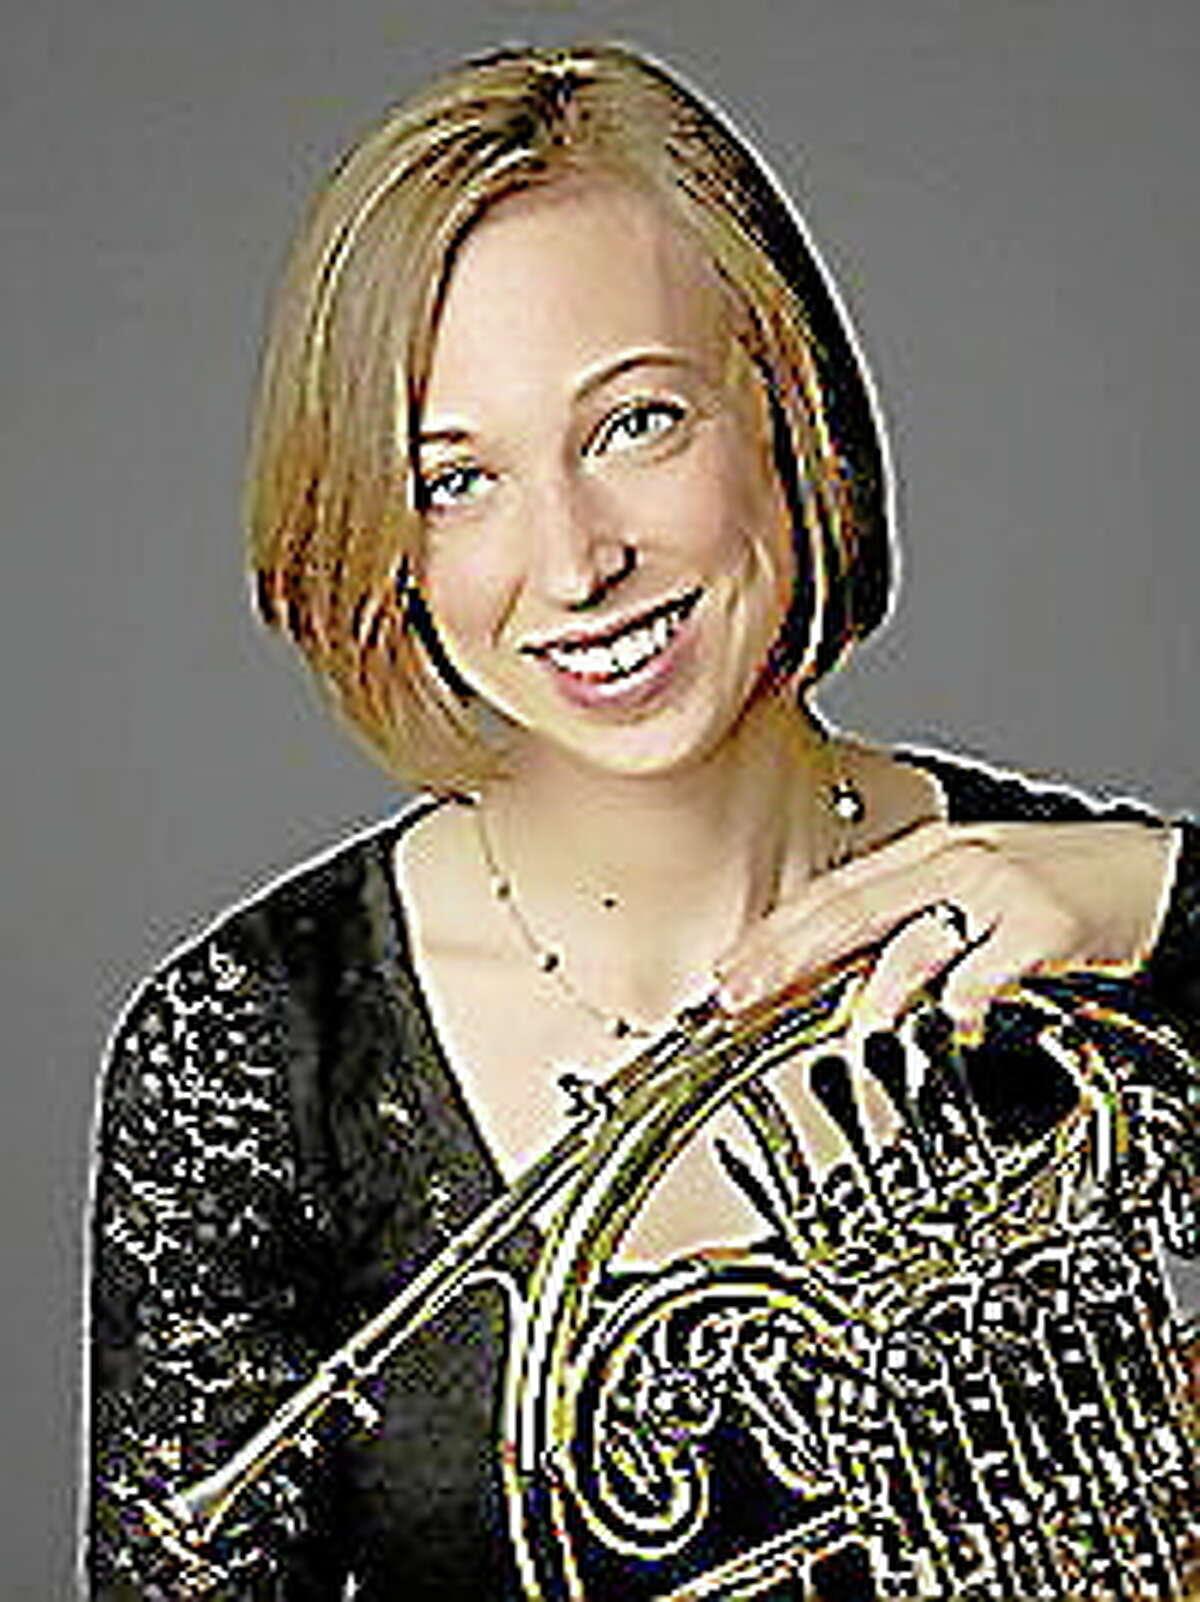 LeeLanee Sterett